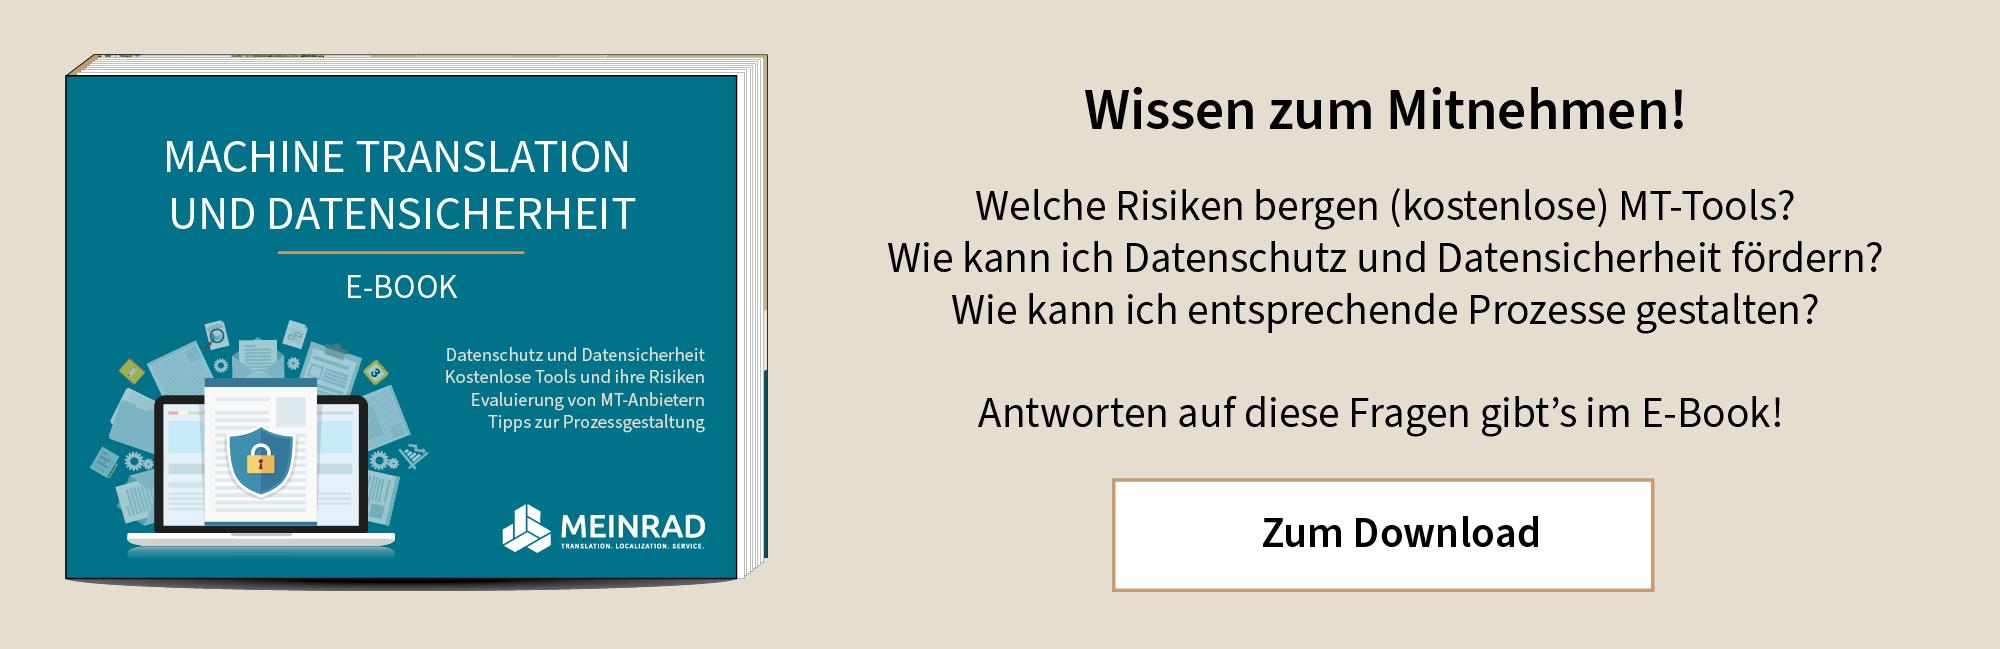 E-Book Machine Translation und Datensicherheit MEINRAD